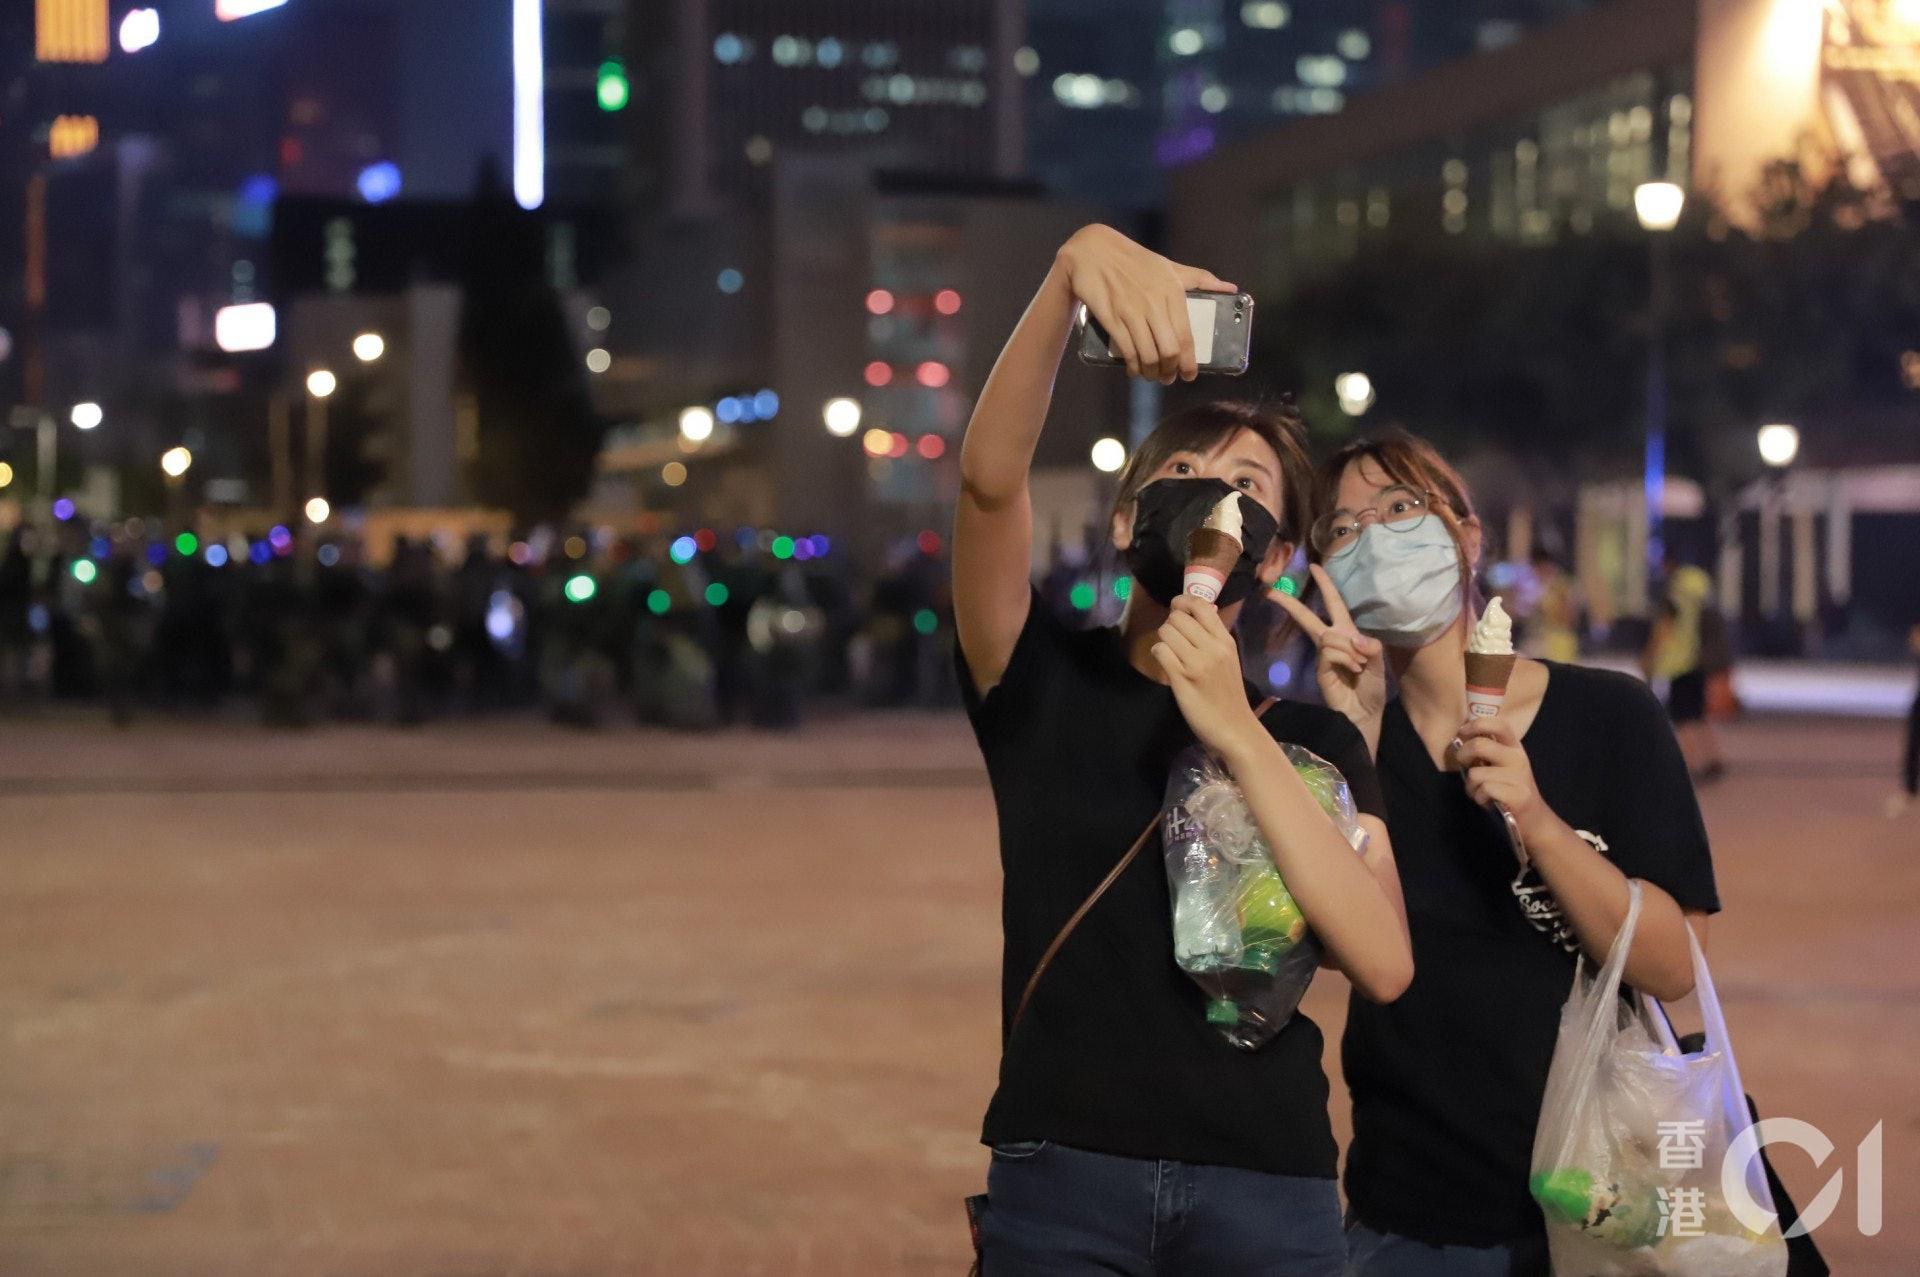 2019年9月28日,有購買雪糕後的市民在防暴警察防線前自拍。(羅國輝攝)